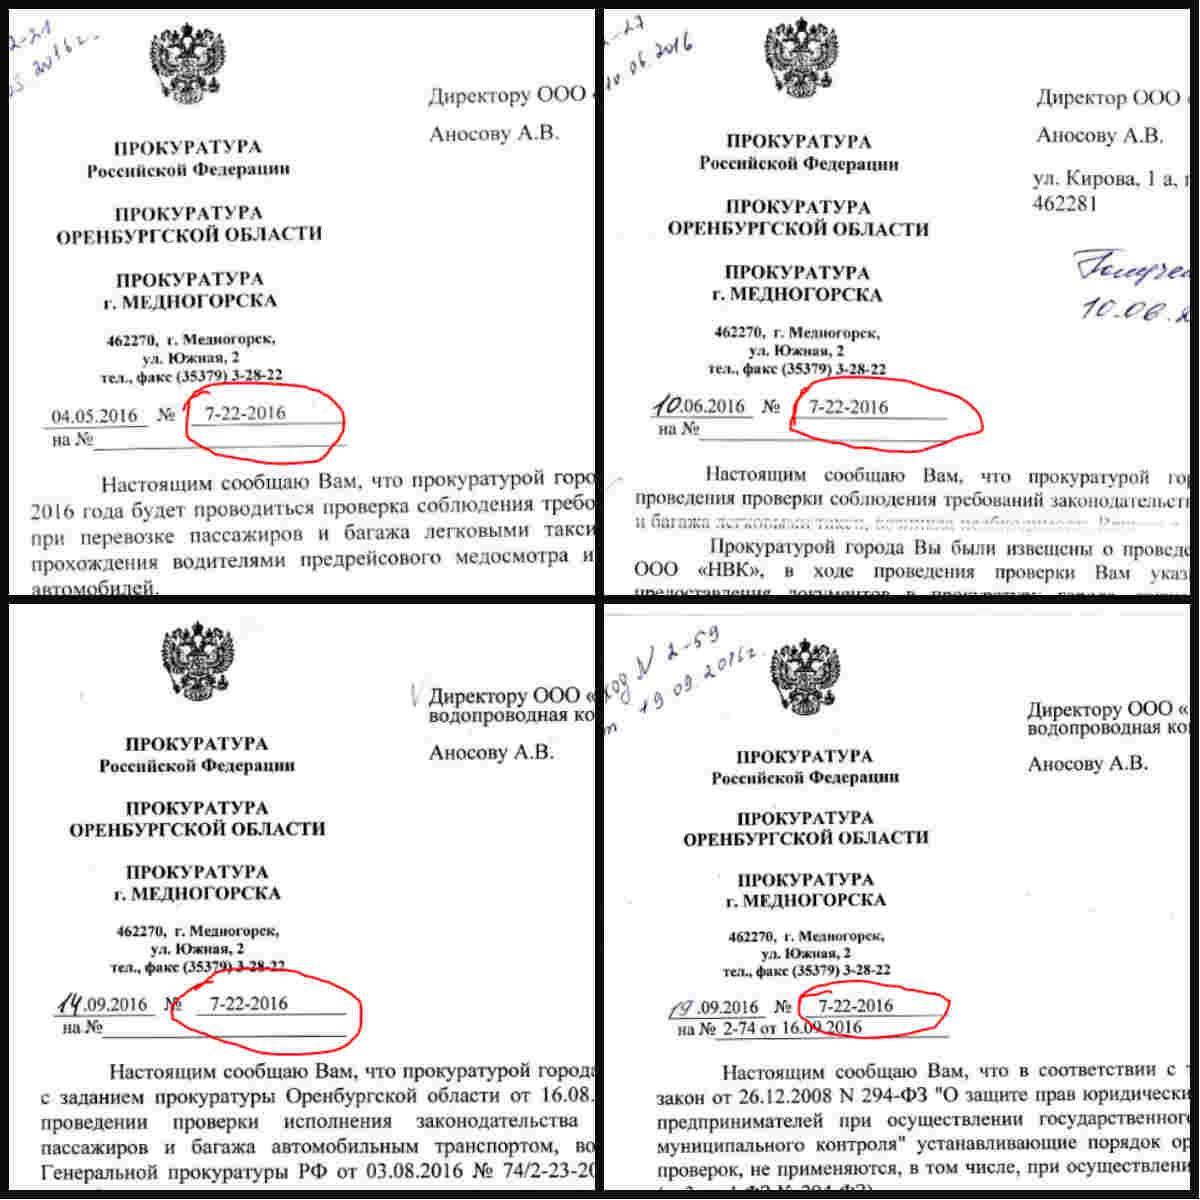 Коронный номер прокурора Медногорска